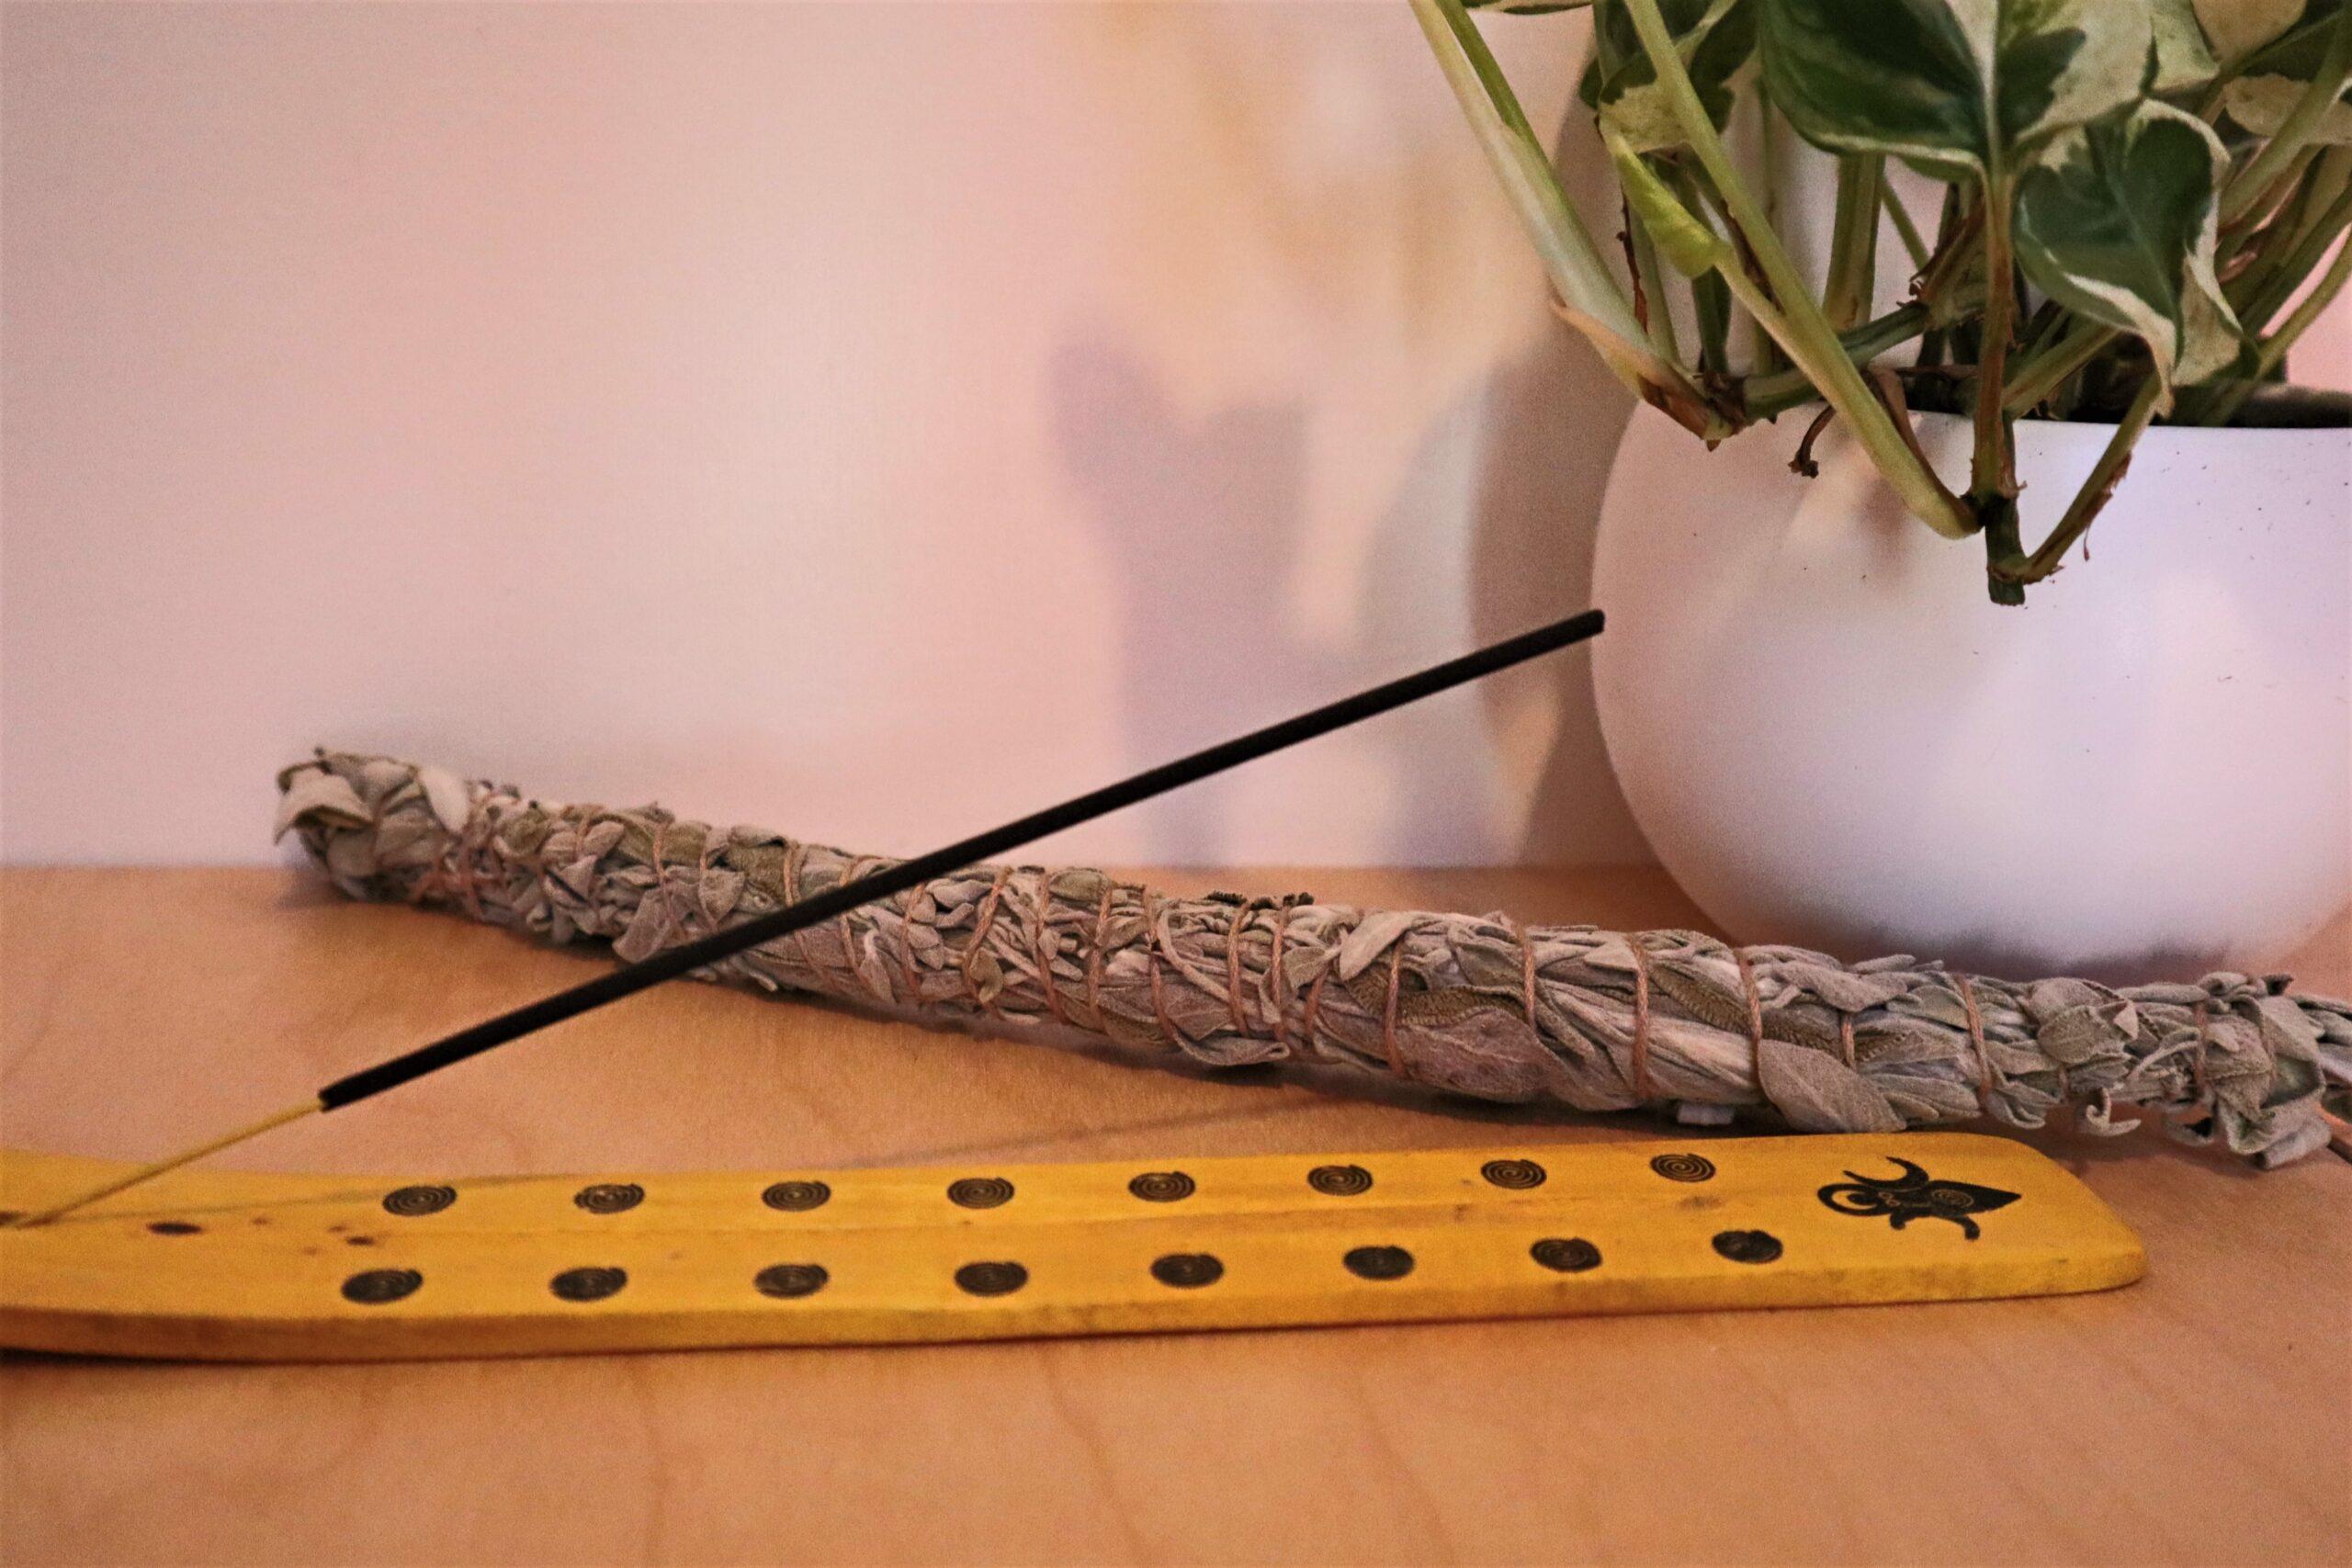 Natural air freshener - incense!